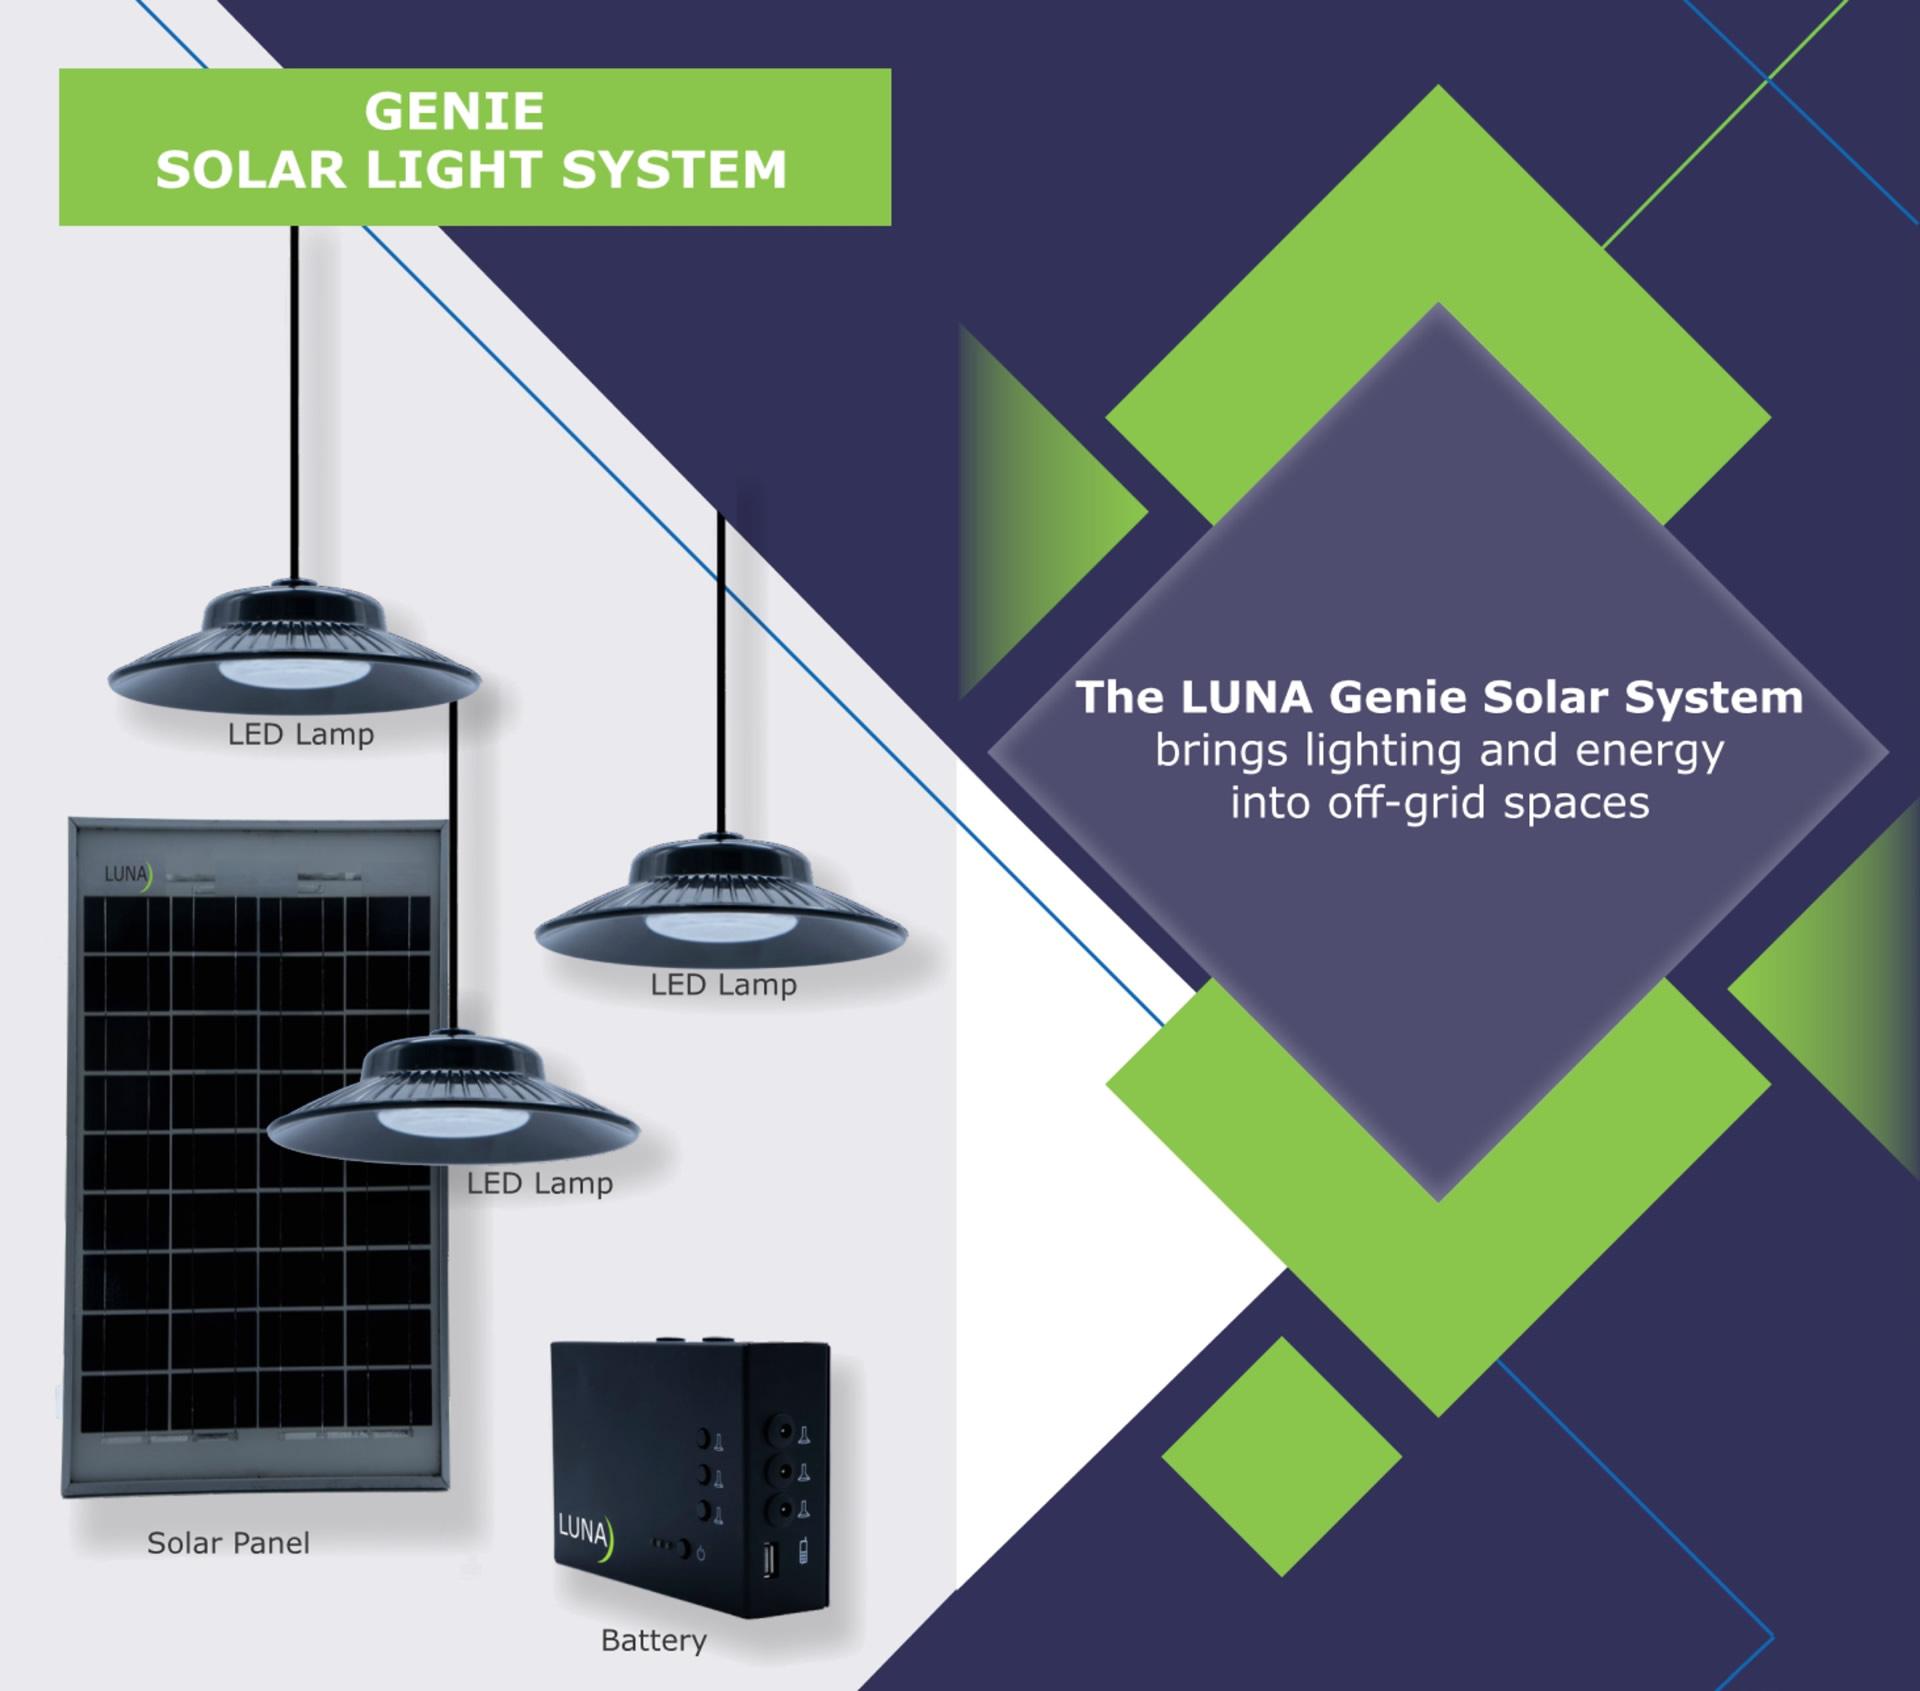 Luna Genie Portable Off Grid Solar Light System